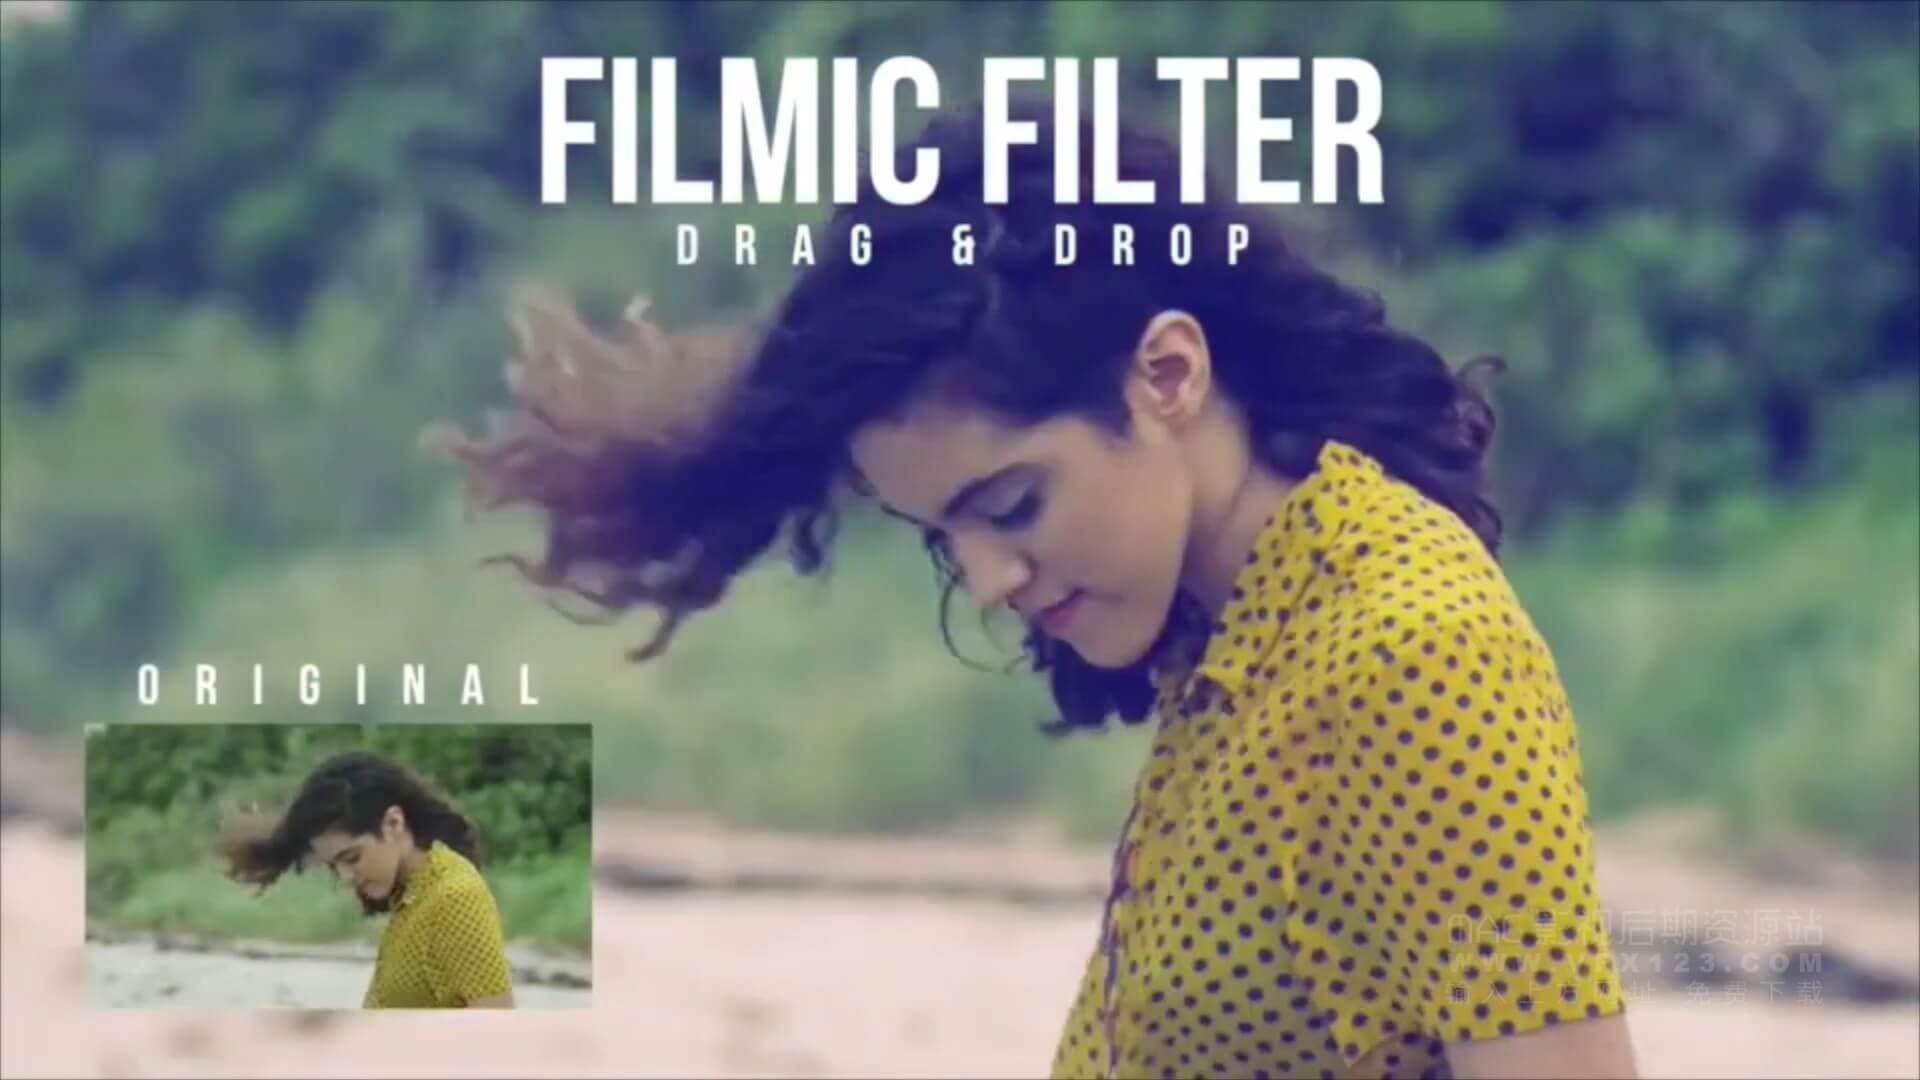 Motion模板 50种视频调色滤镜预设 50 Great Filters+使用教程 | MAC影视后期资源站